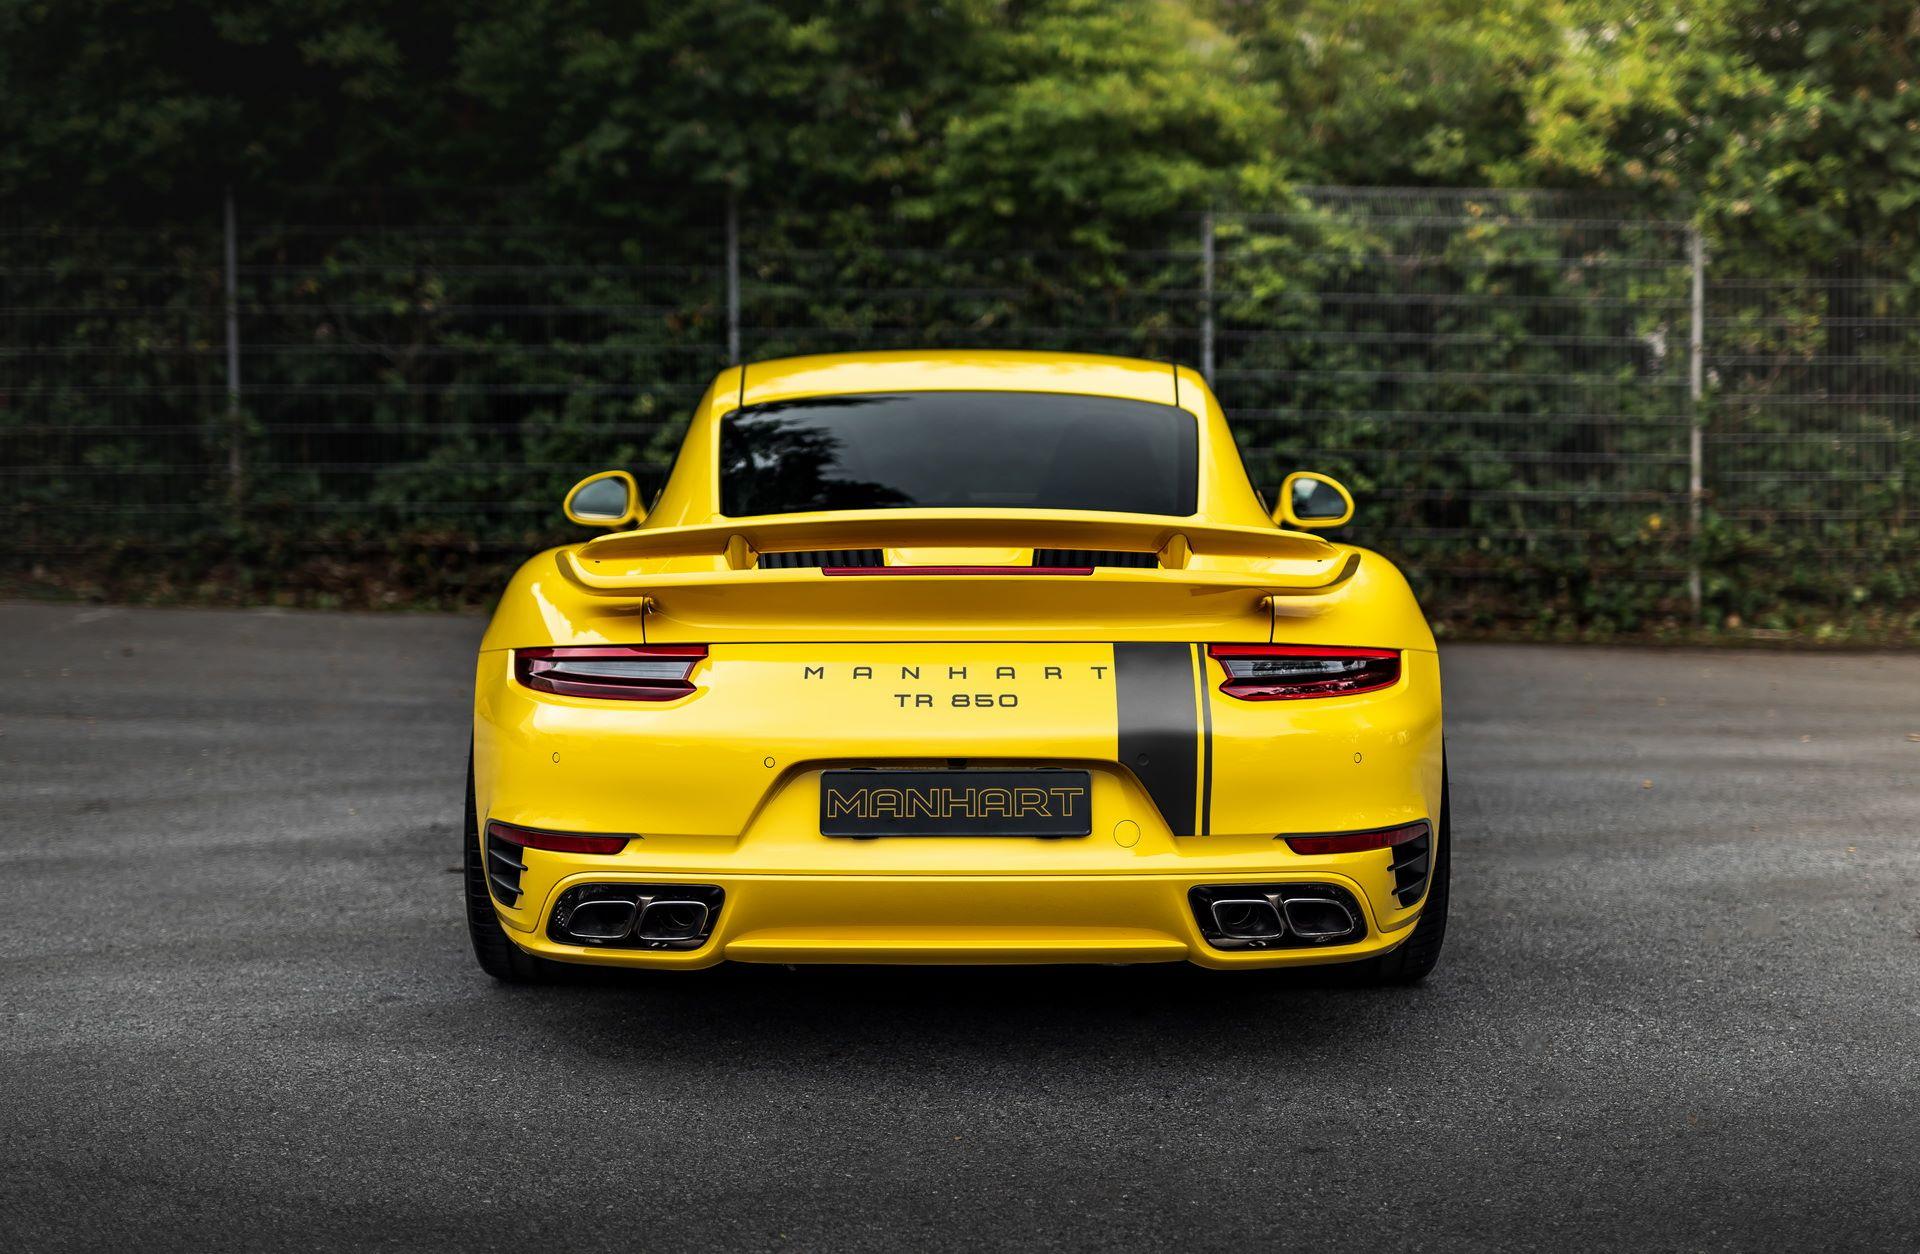 Porsche-911-Turbo-S-by-Manhart-5